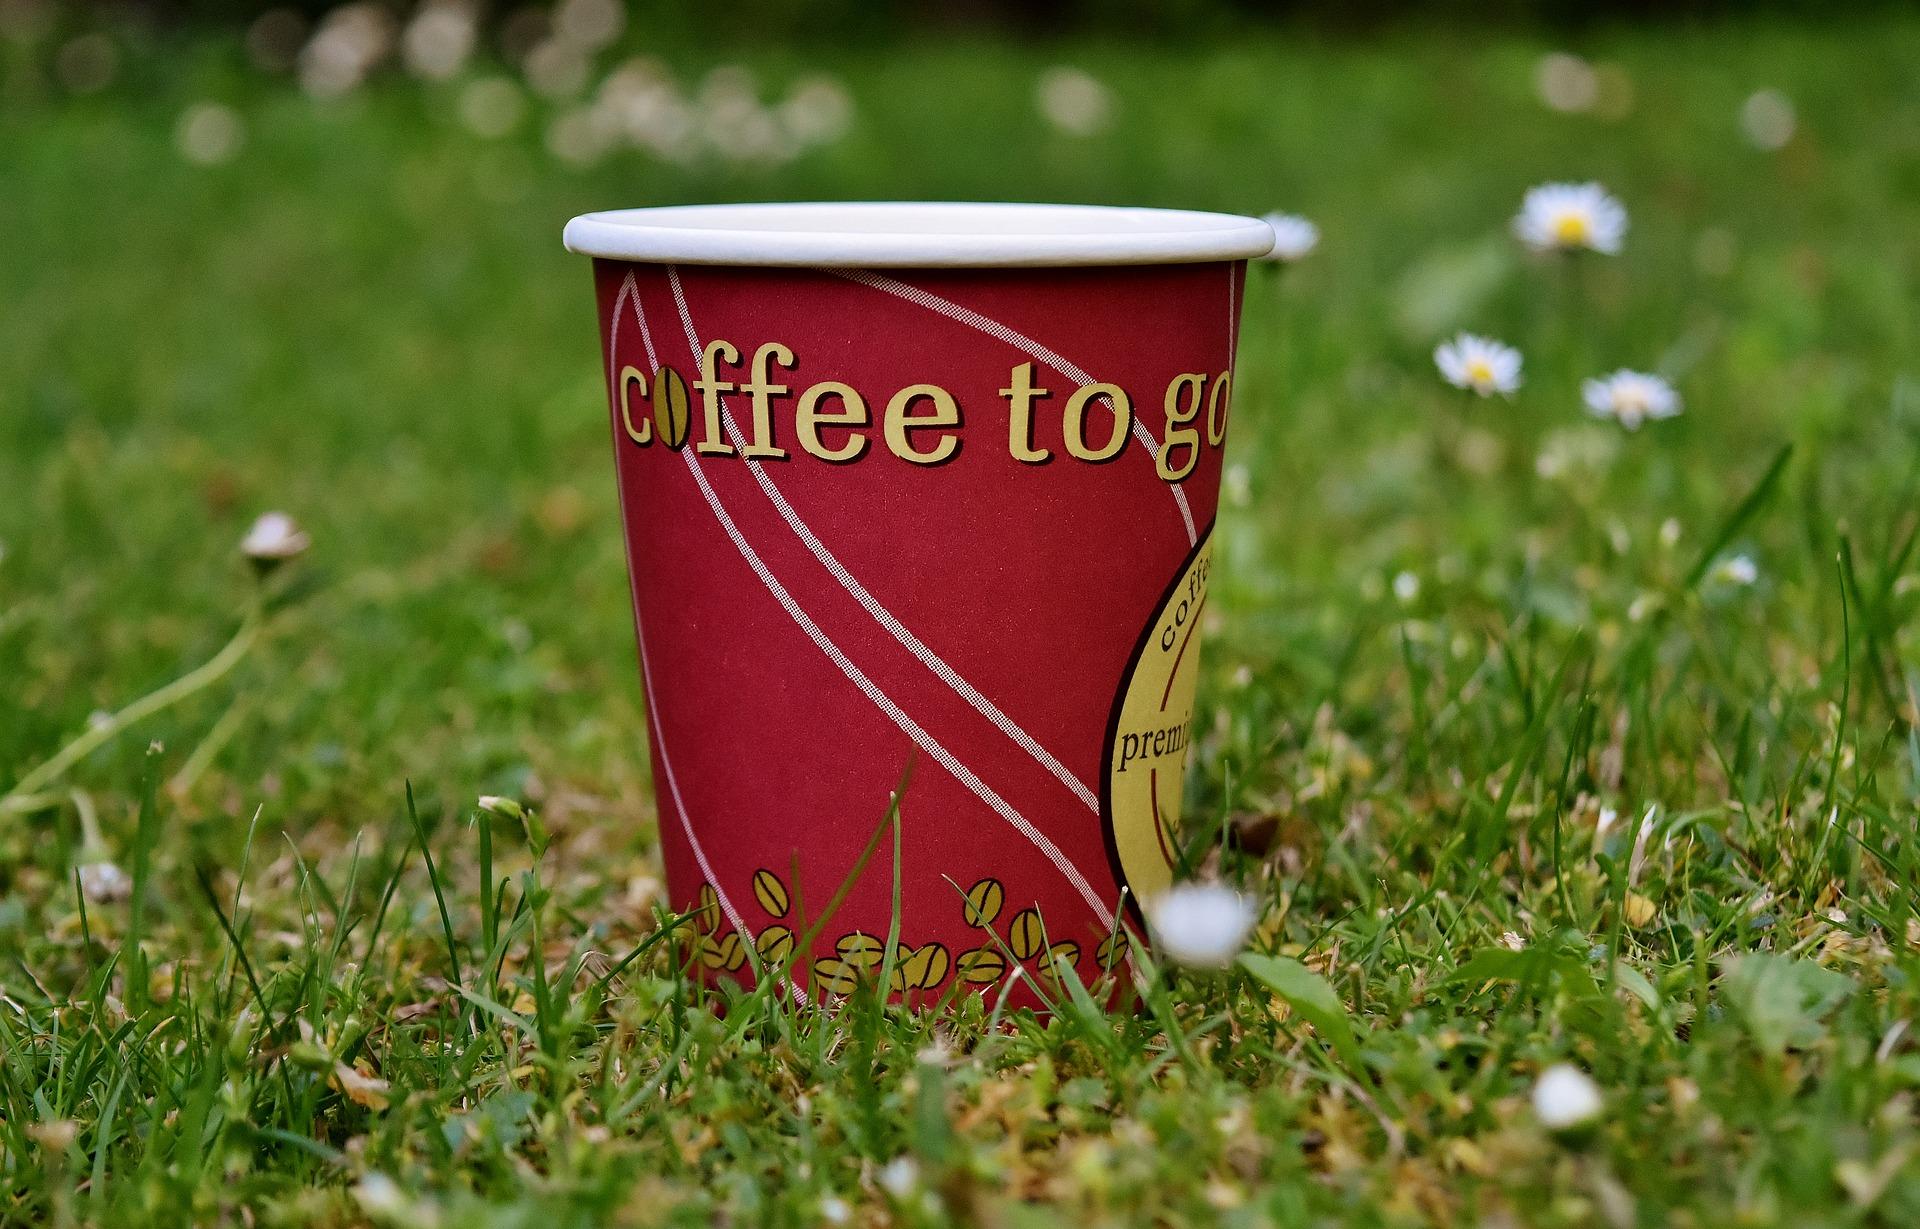 Одноразовые стаканчики для кофе и контейнеры на вынос запретят в Ванкувере